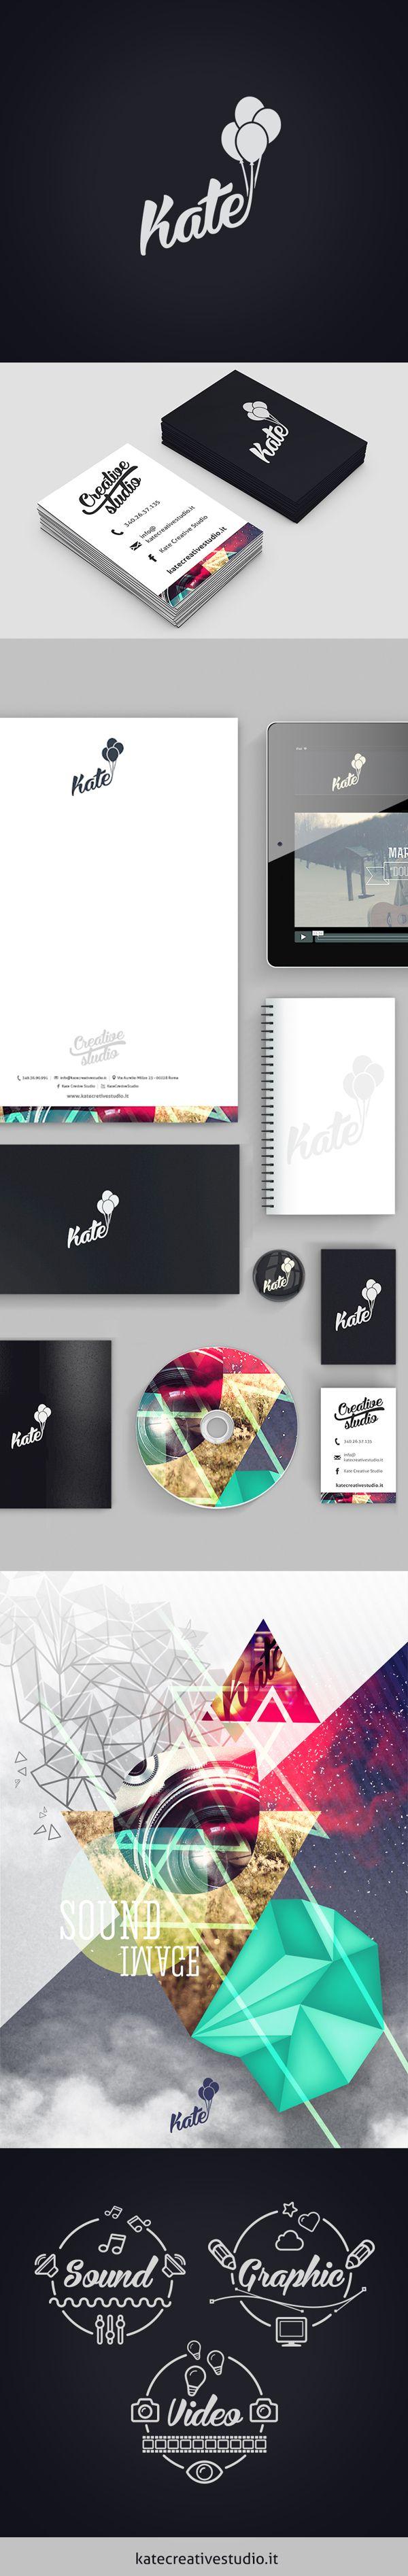 Kate Creative Studio by giorgia negro, via Behance